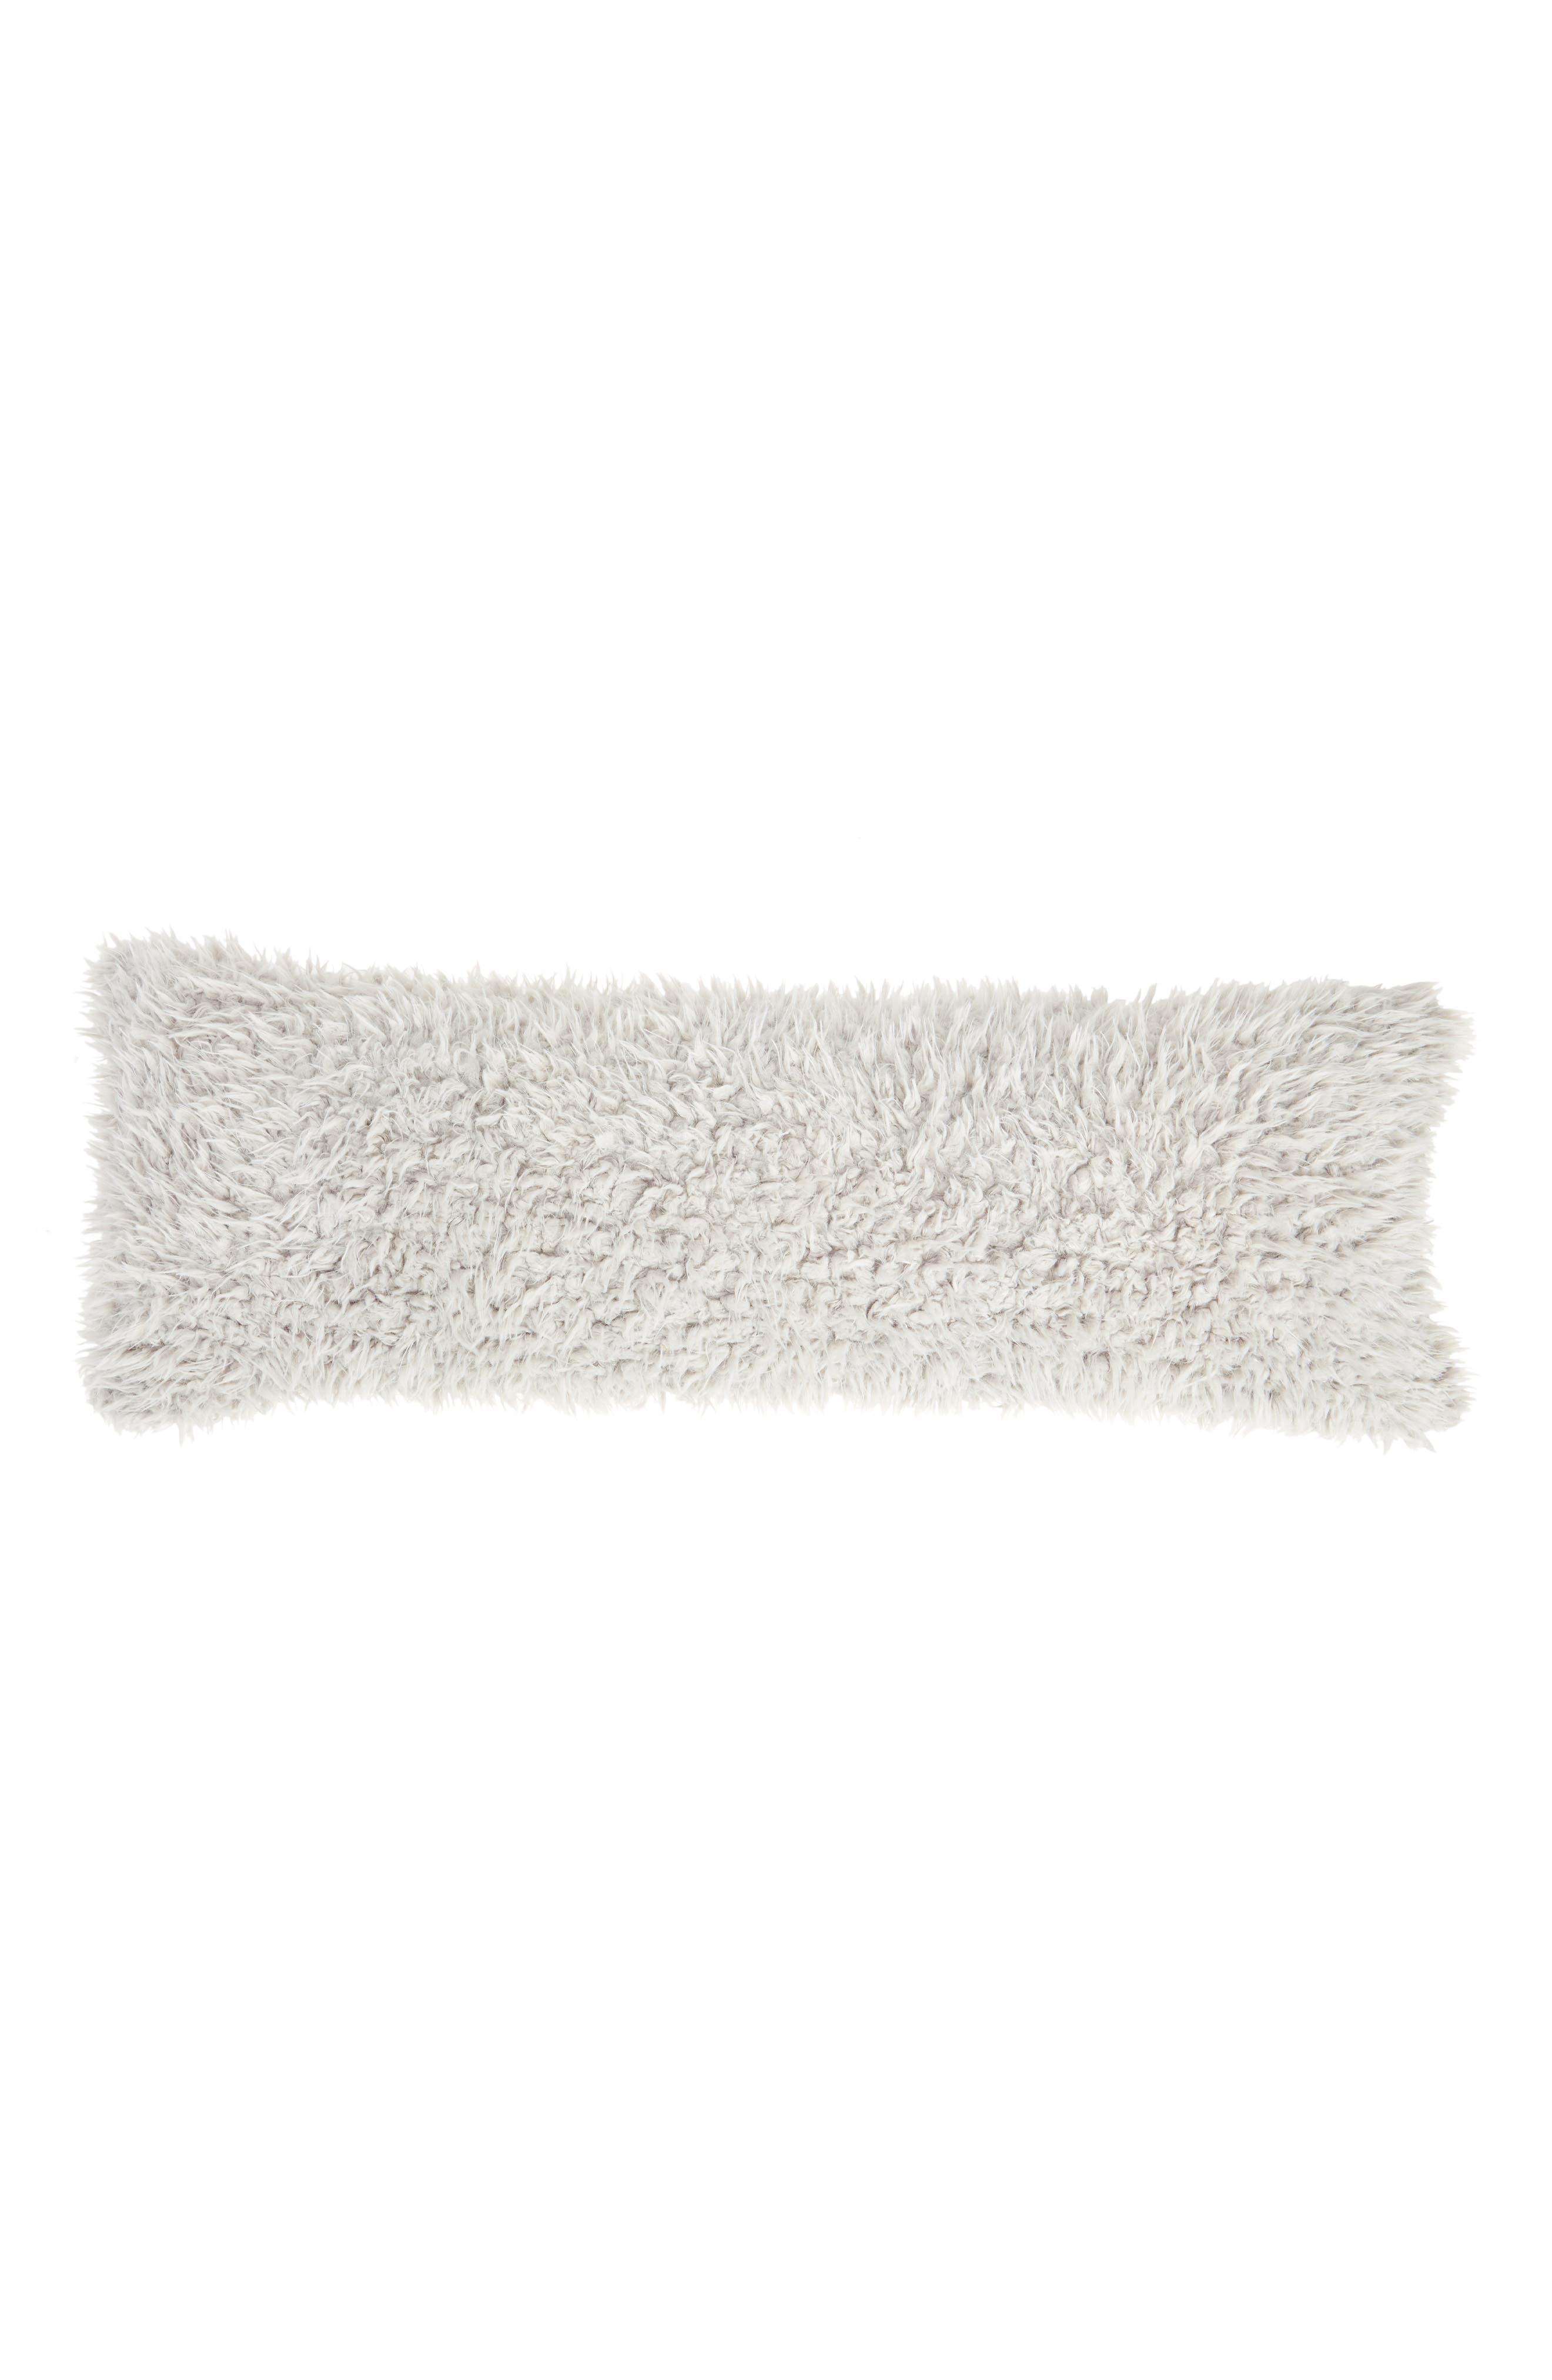 Shaggy Faux Fur Pillow,                         Main,                         color, Grey Vapor